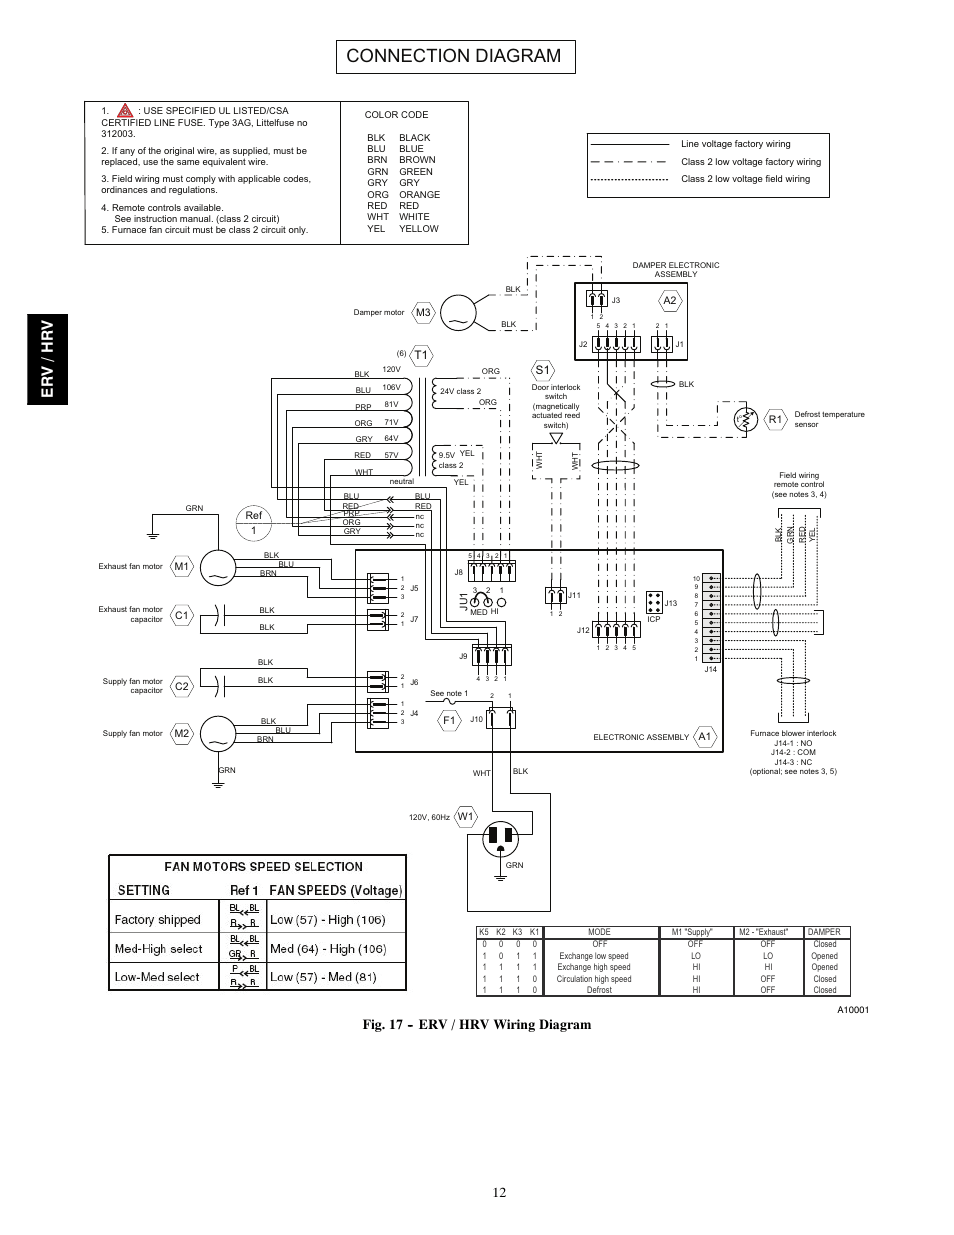 hight resolution of connection diagram er v hr v fig 17 erv